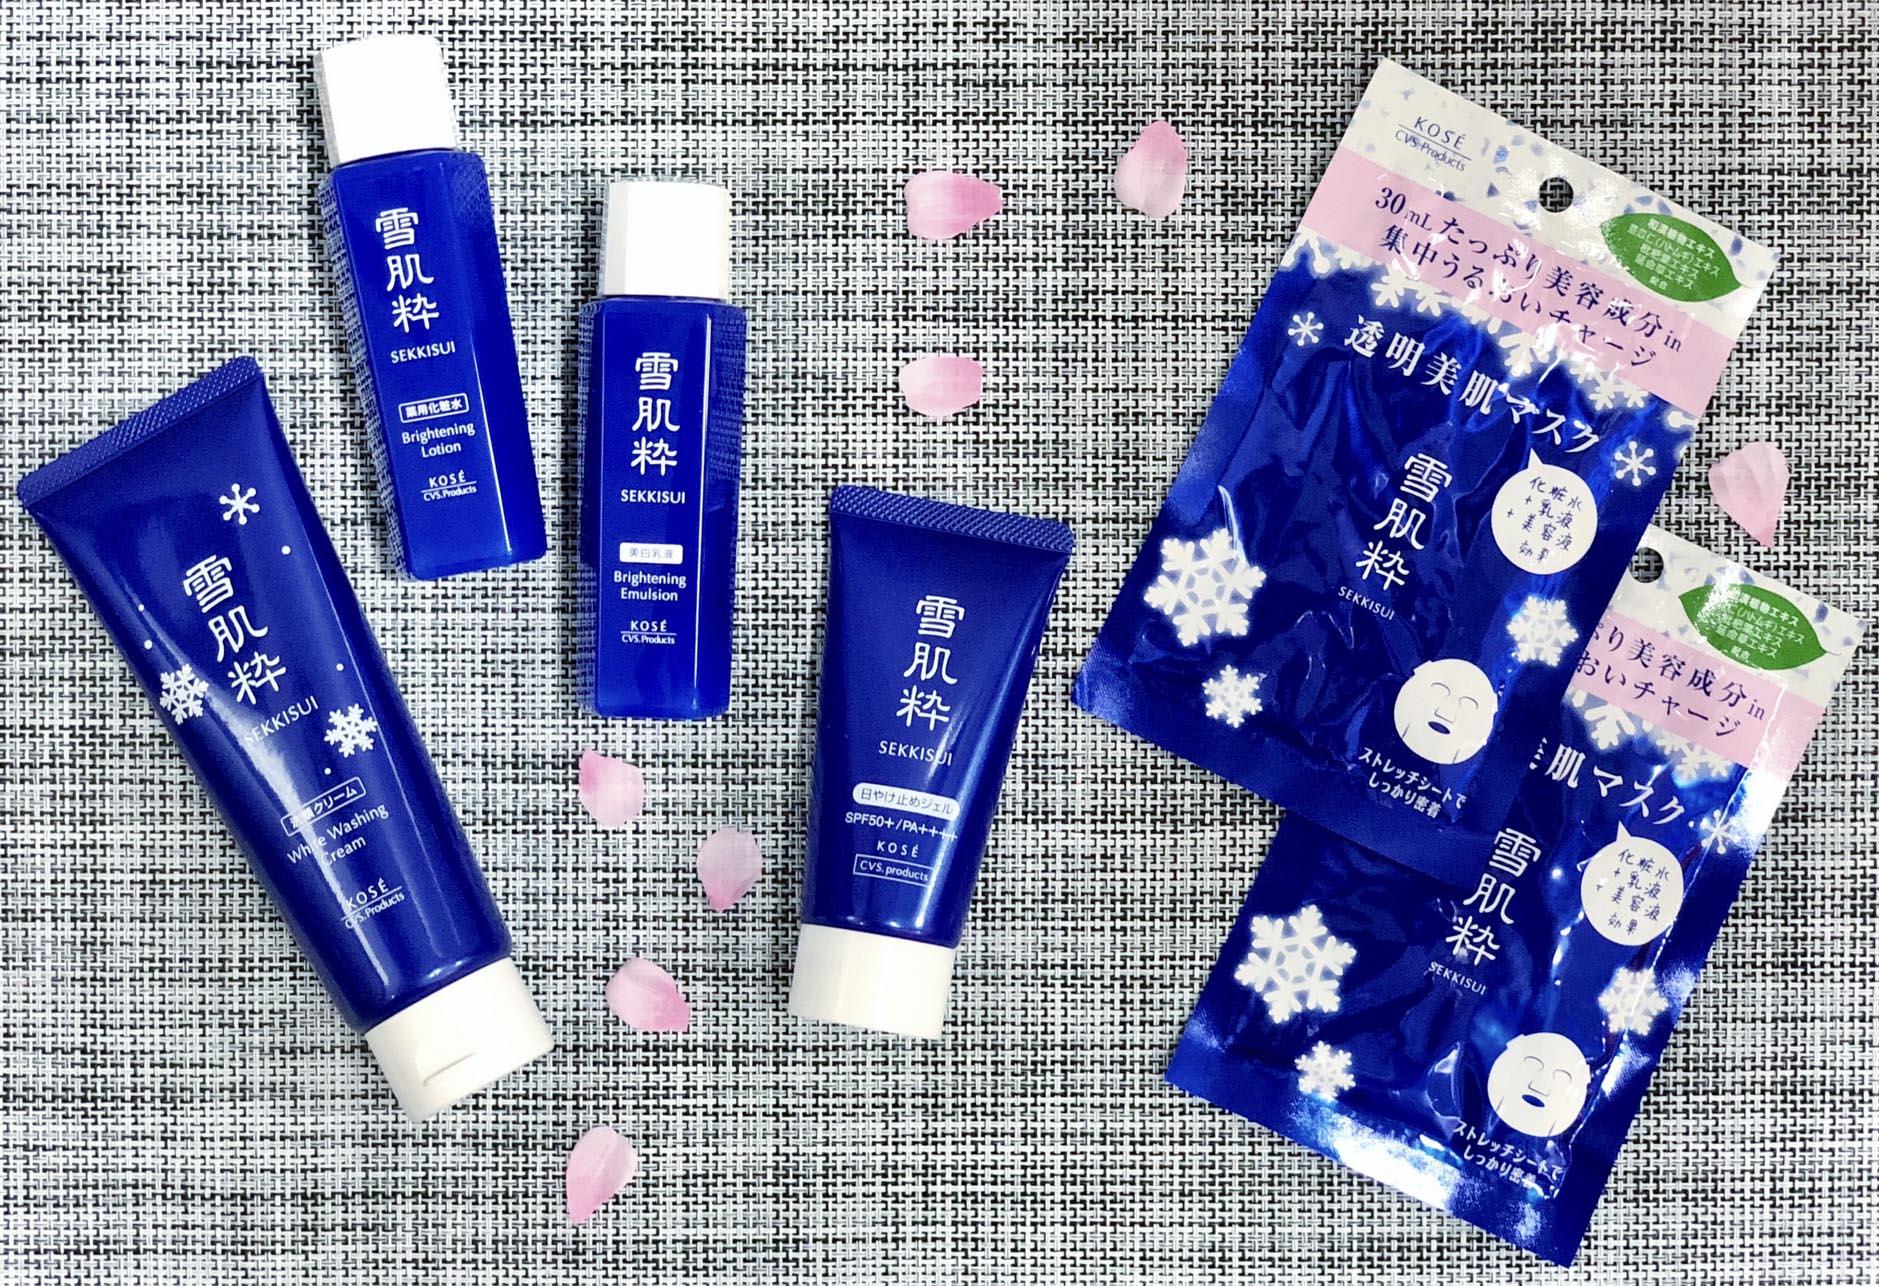 日本 7-Eleven 與 KOSÉ 共同開發品牌 「 雪肌粋 」護膚系列完美防曬露